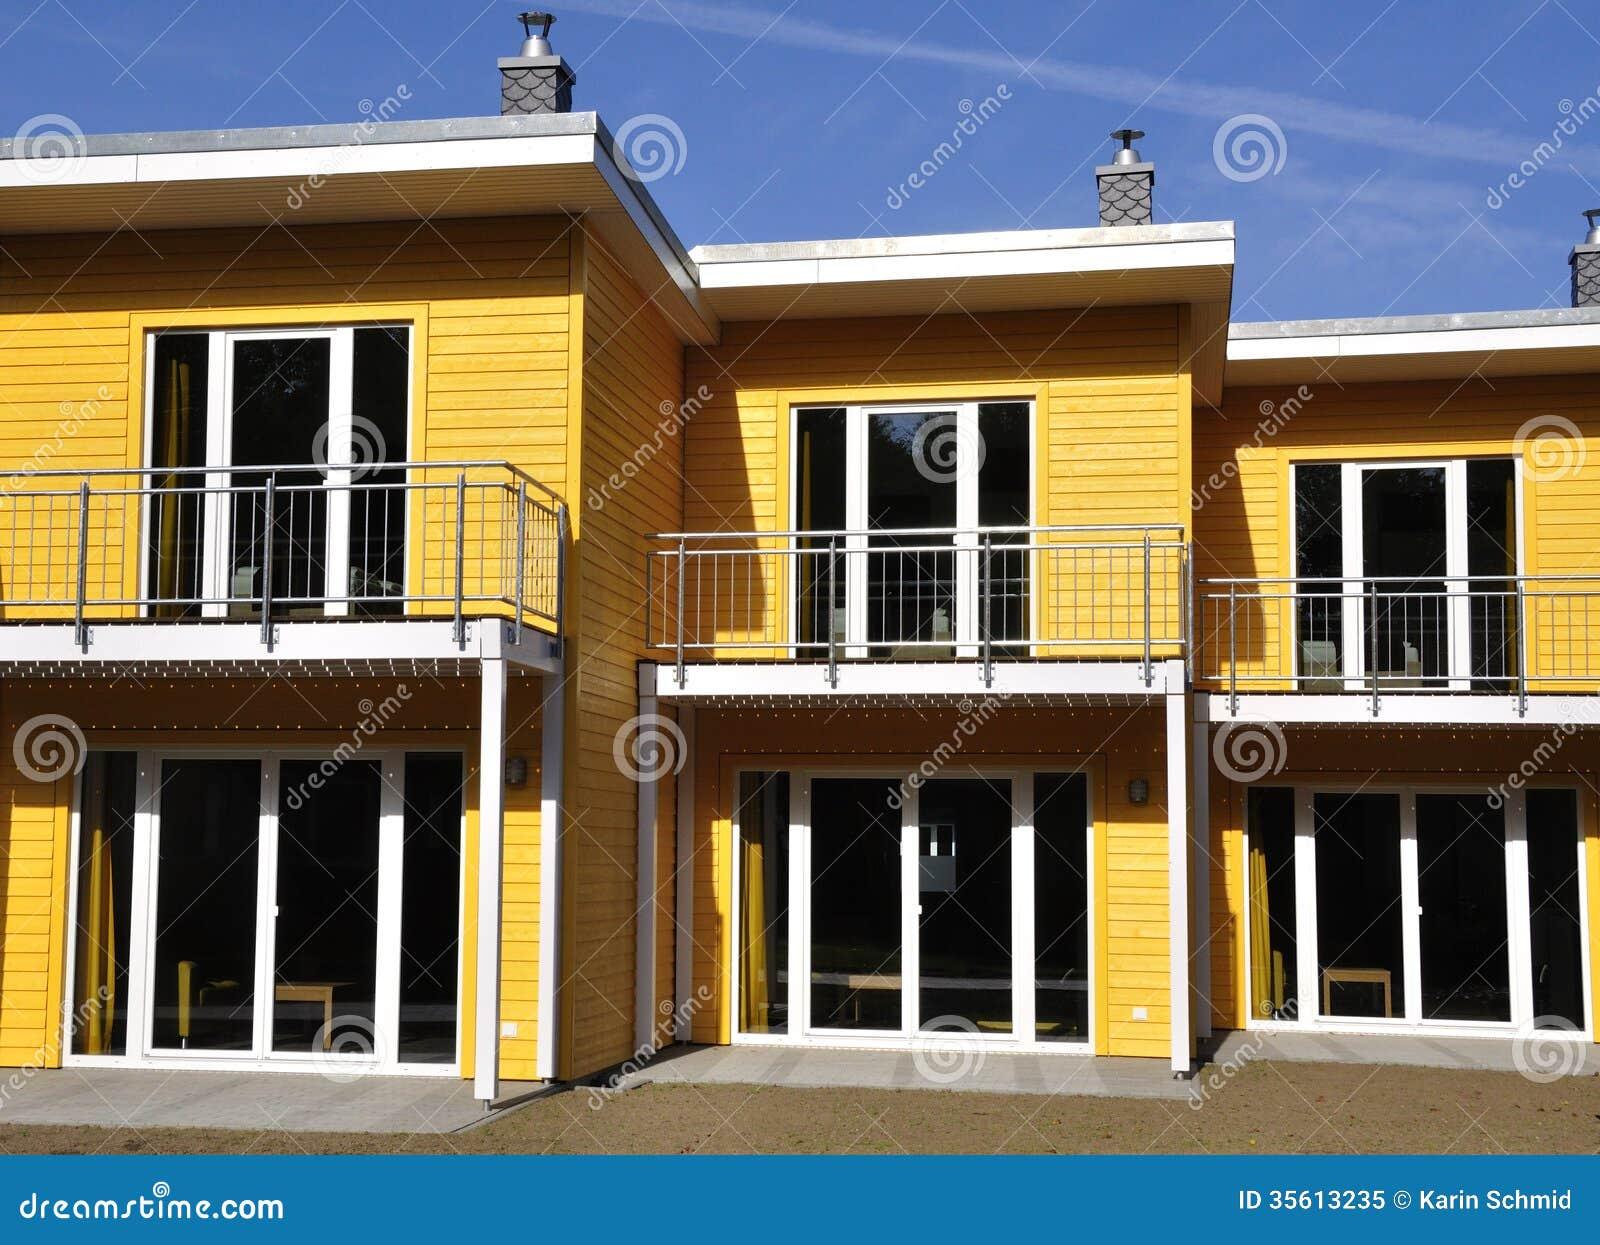 avant vue en terrasse jaune de maison image stock image